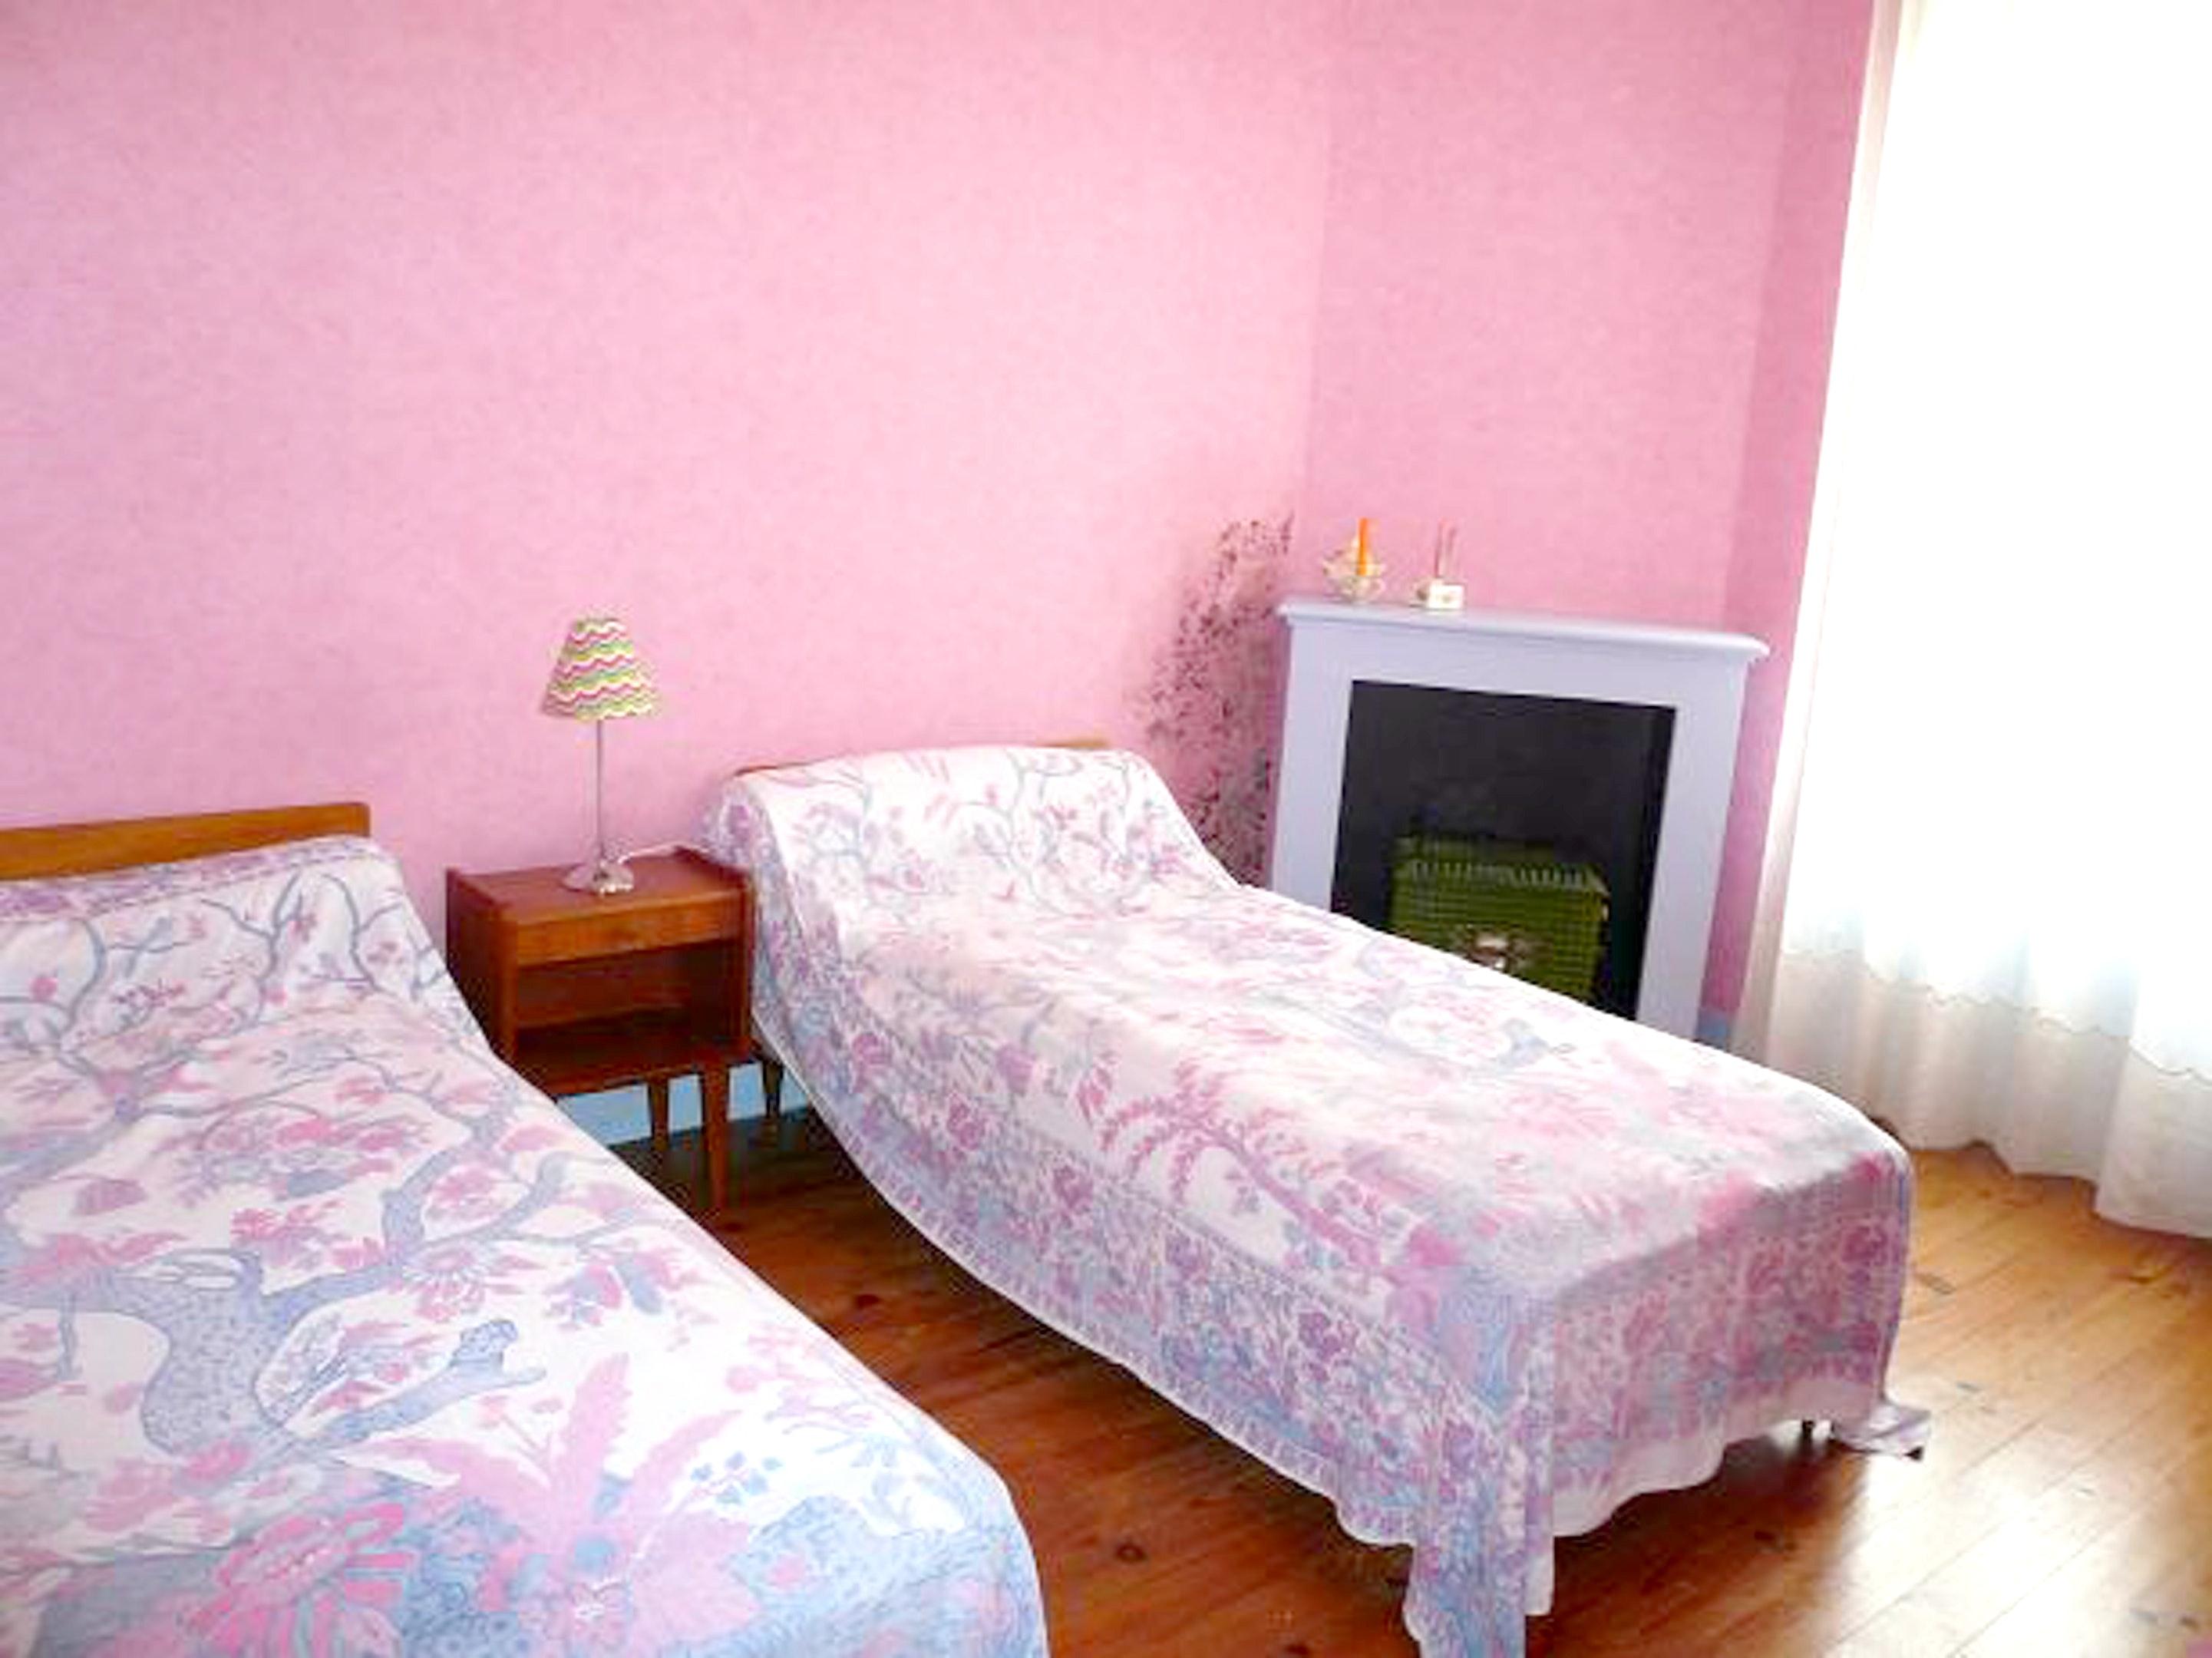 Maison de vacances Haus mit 4 Schlafzimmern in Castillon-la-Bataille mit eingezäuntem Garten und W-LAN - 85 k (2271453), Castillon la Bataille, Gironde, Aquitaine, France, image 6